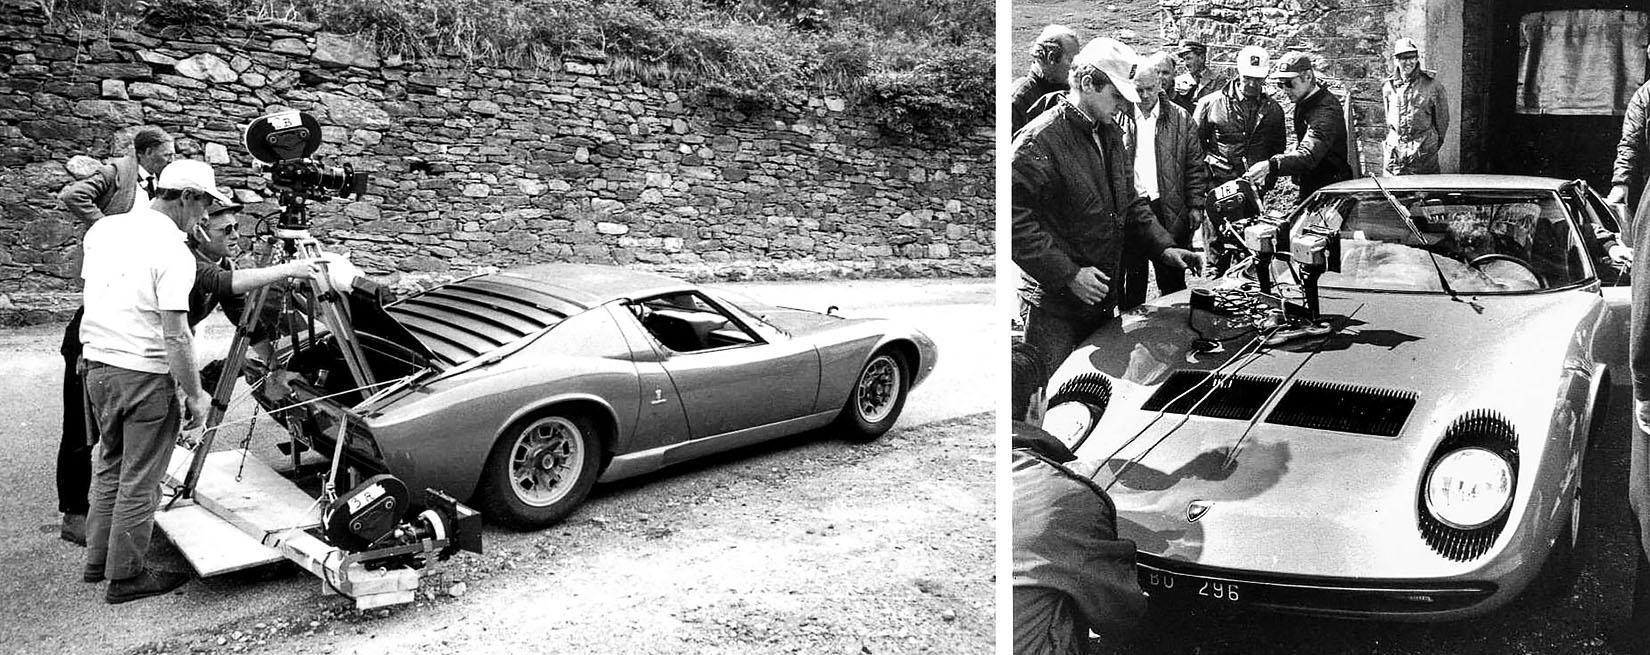 1968 Lamborghini Miura P400 The Italian Job Drive